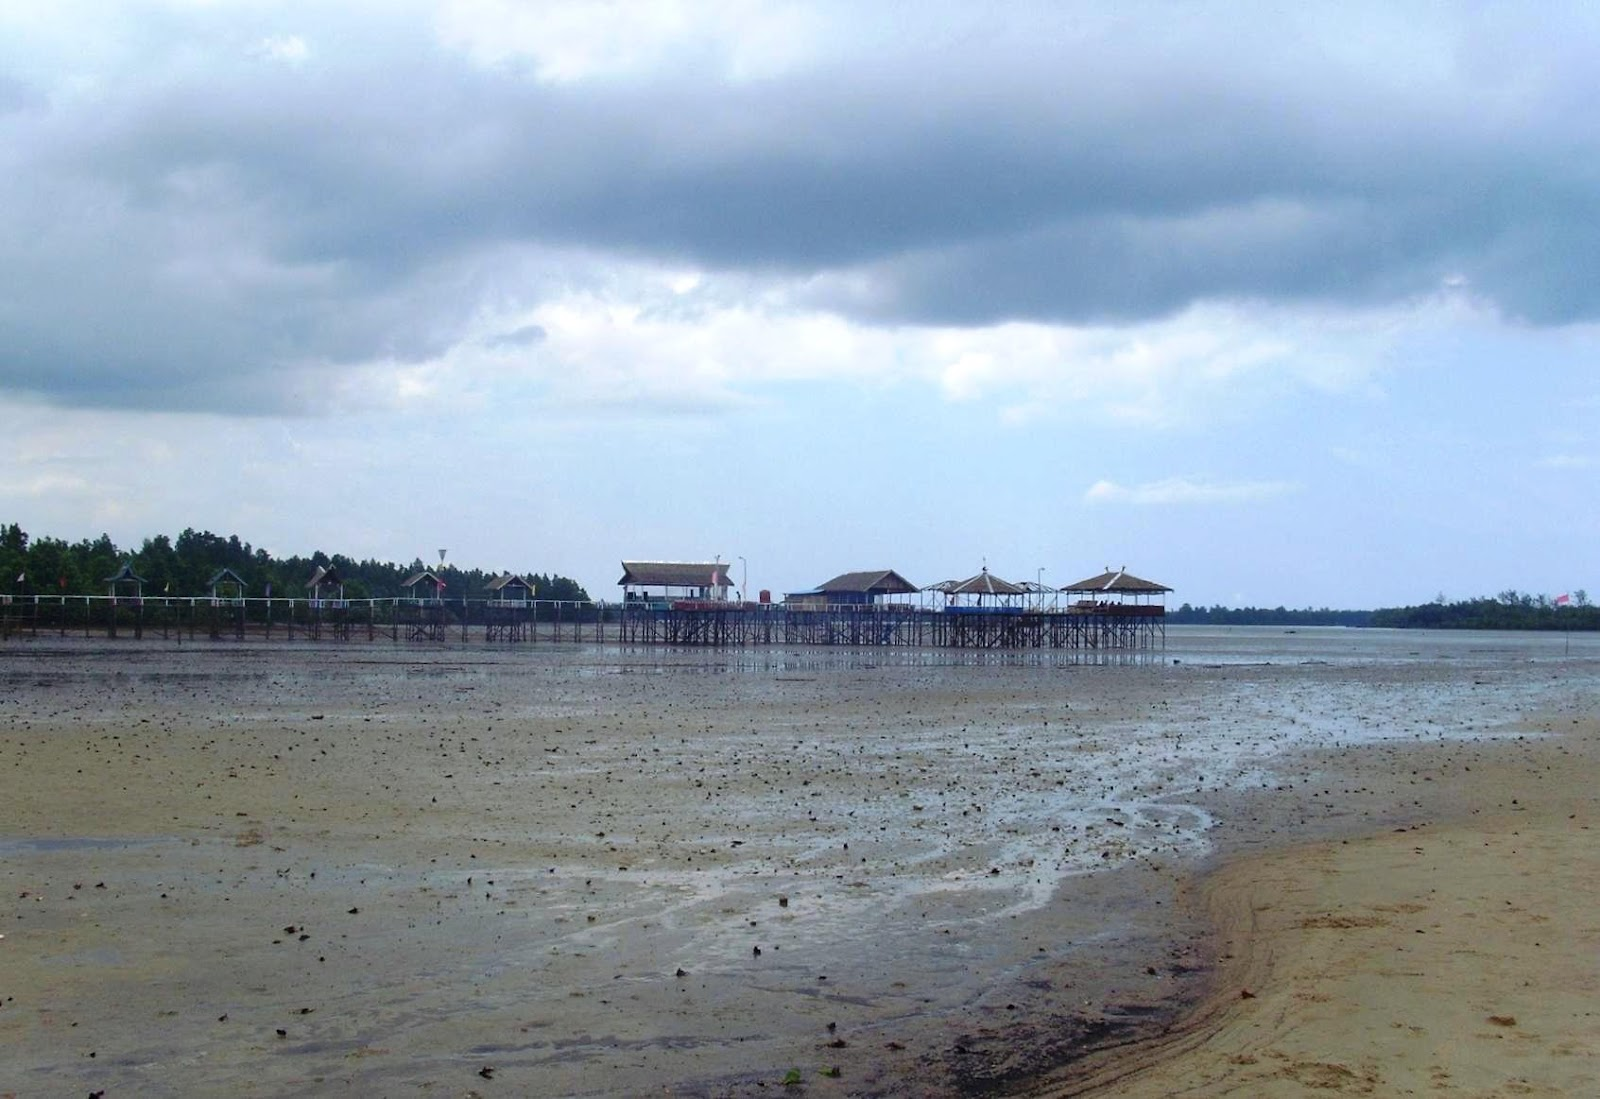 Kec. Ma. Badak Pecahkan rekor MURI: Pantai Penegempang ...Badak Laut